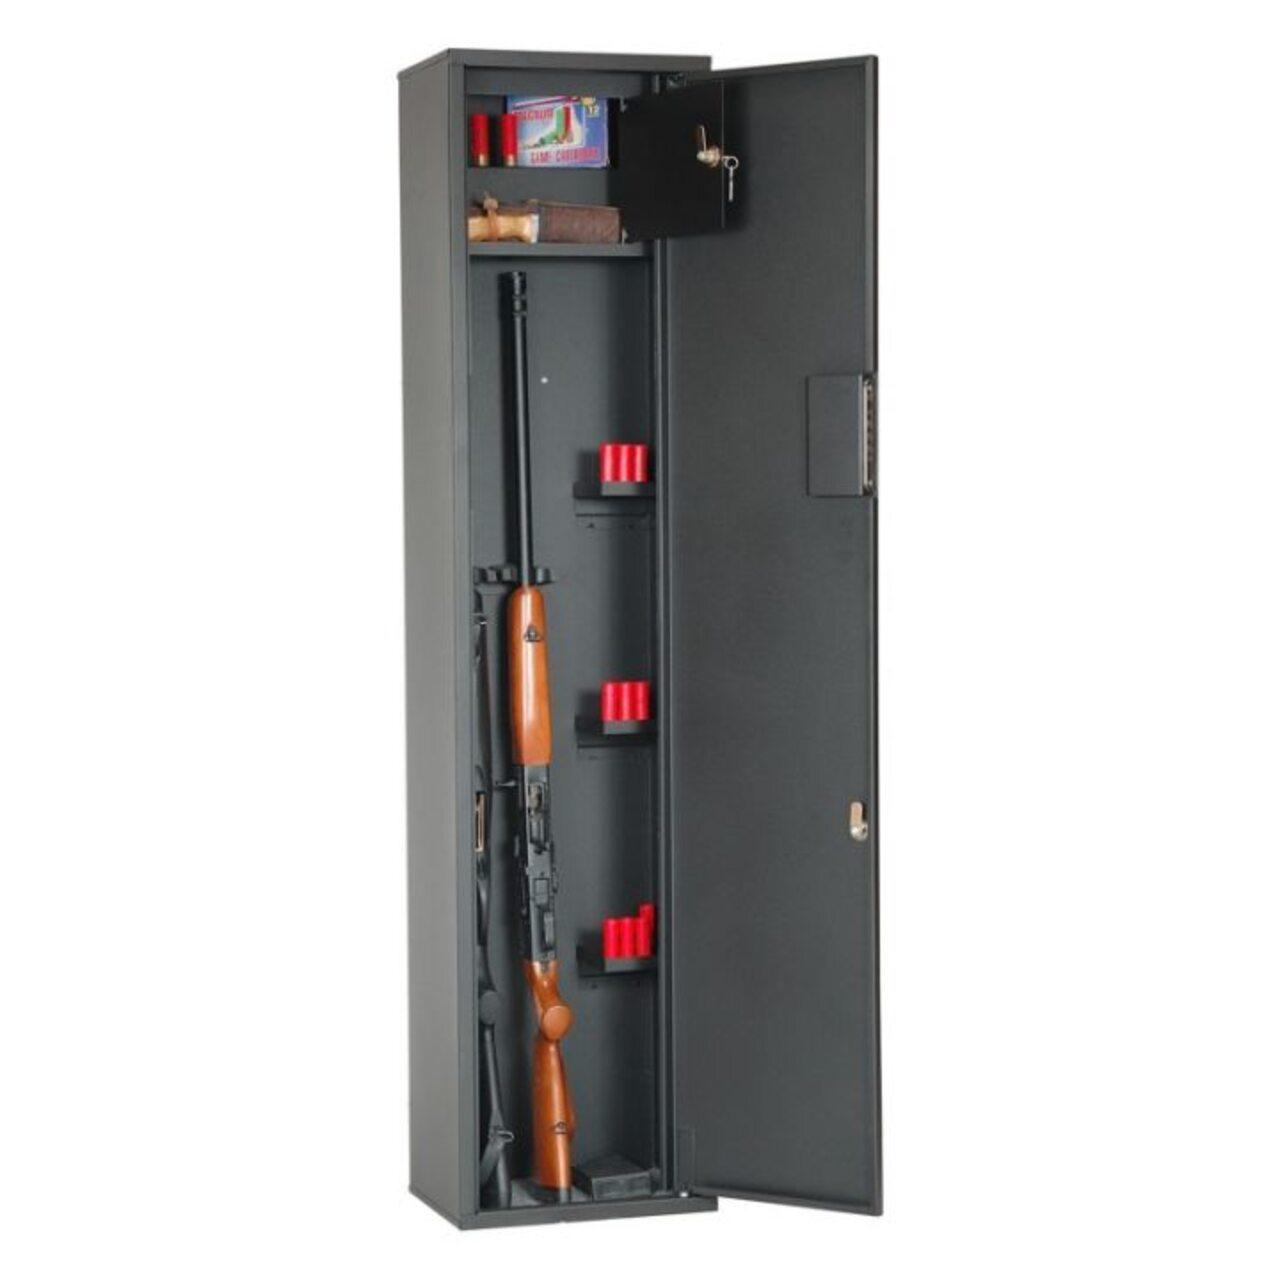 Шкаф оружейный ОШН-5Э - фото 2